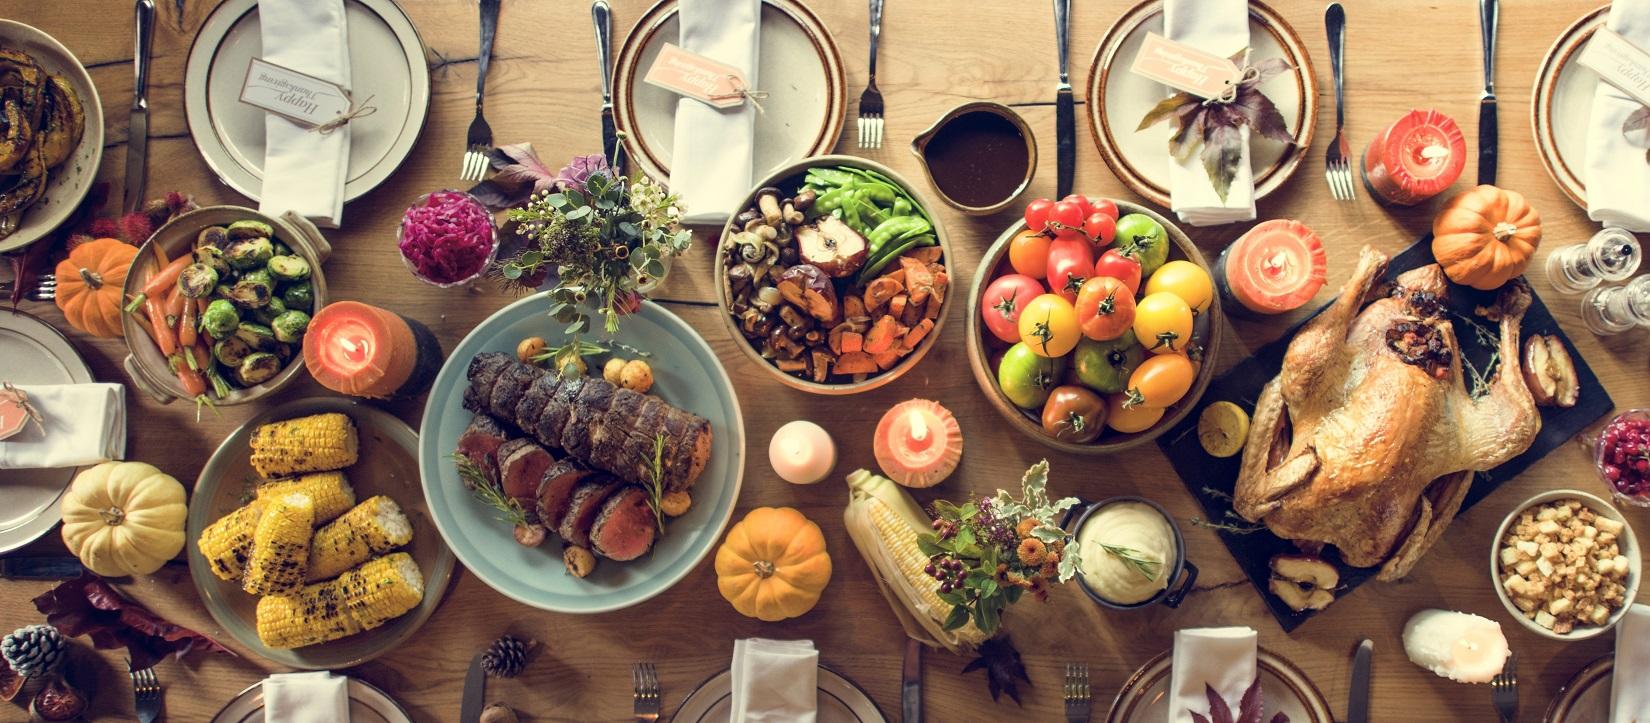 Thanksgiving Feast Shutterstock